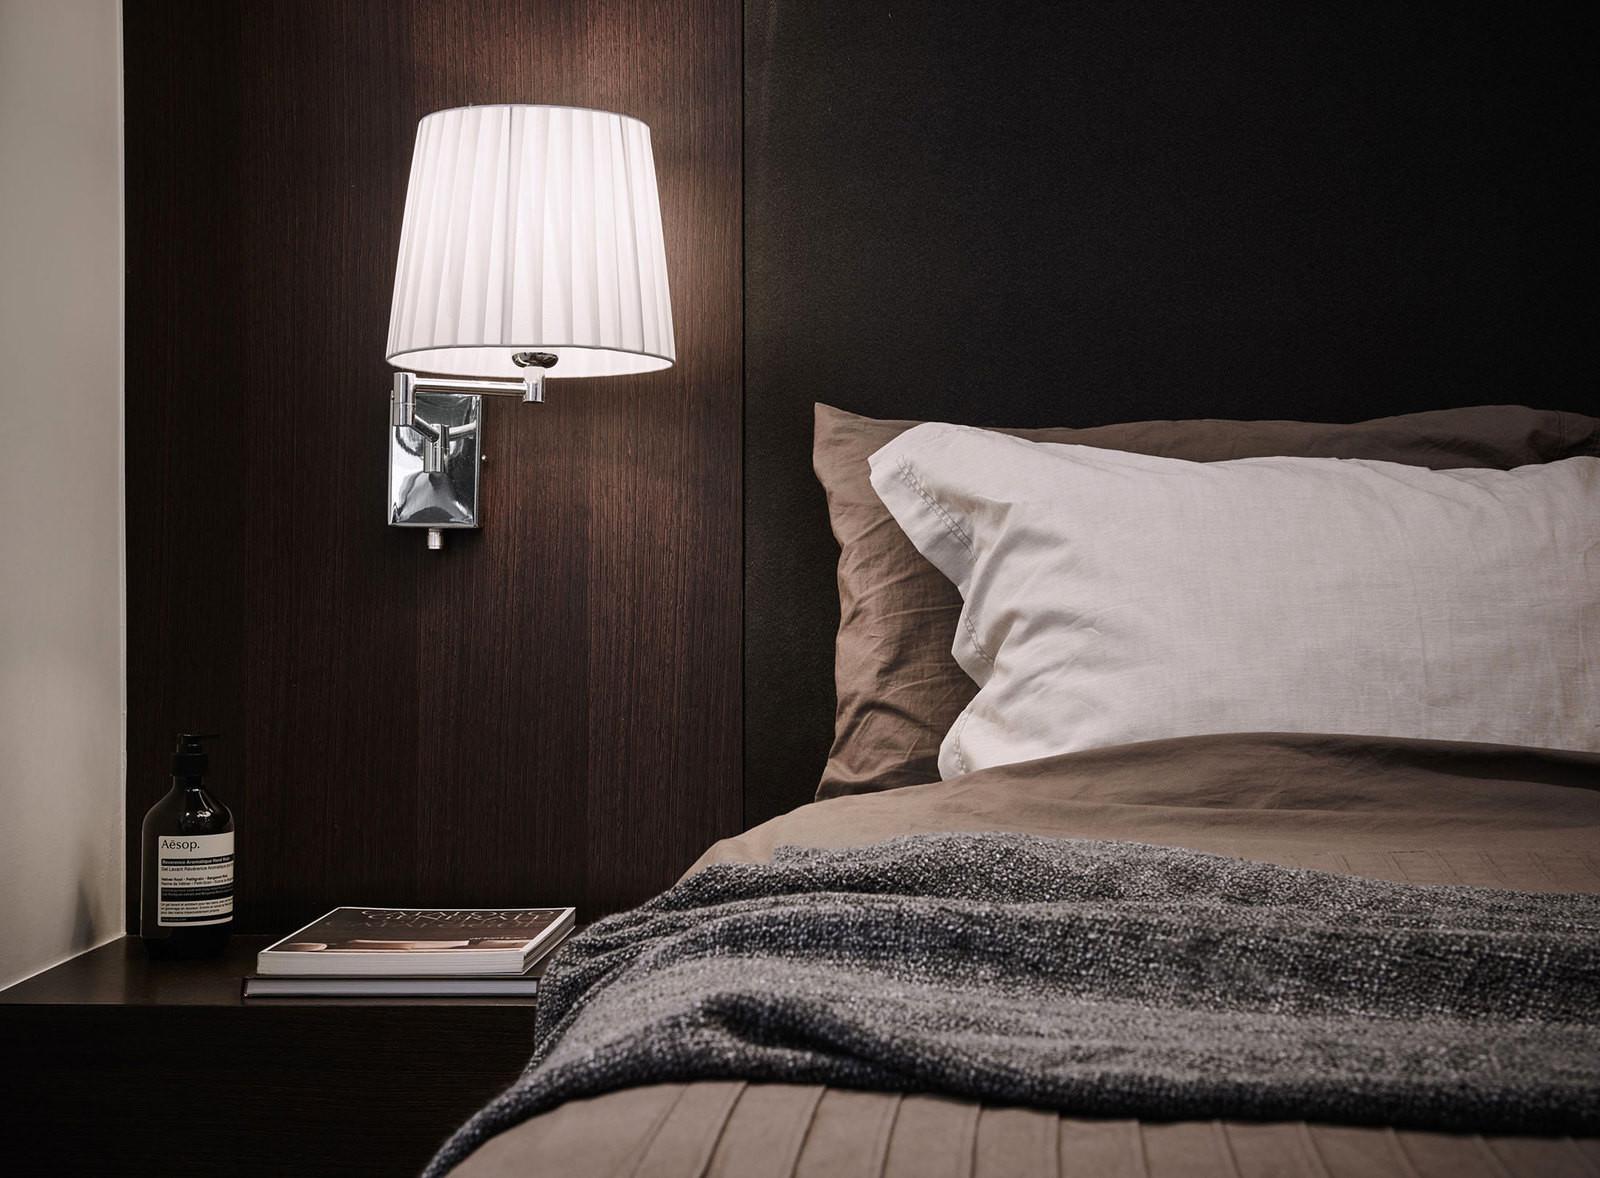 etaj-ot-kashta-s-moderen-i-prostoren-interioren-dizain-120-912g